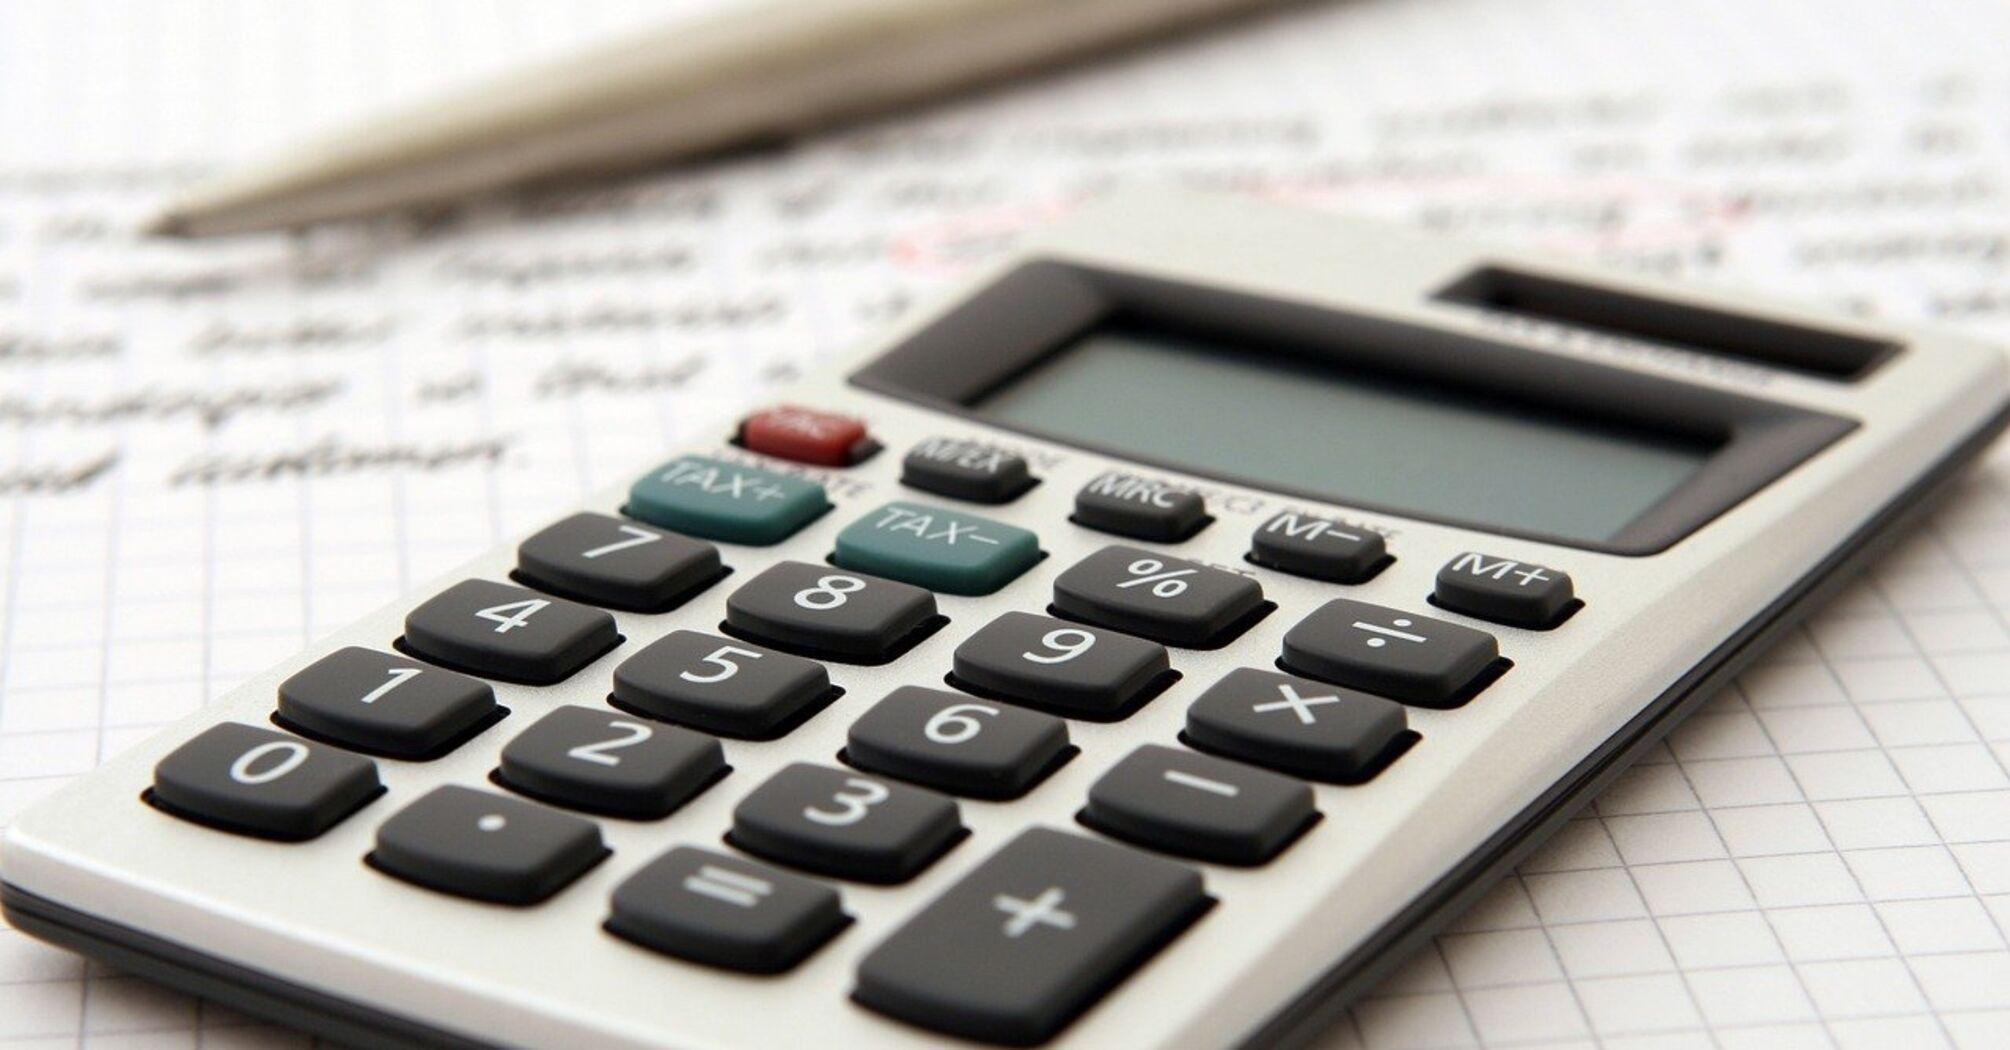 Украинцы обязаны заполнить декларации для налоговой: тем, кто не успеет до 1 мая, грозят штрафы